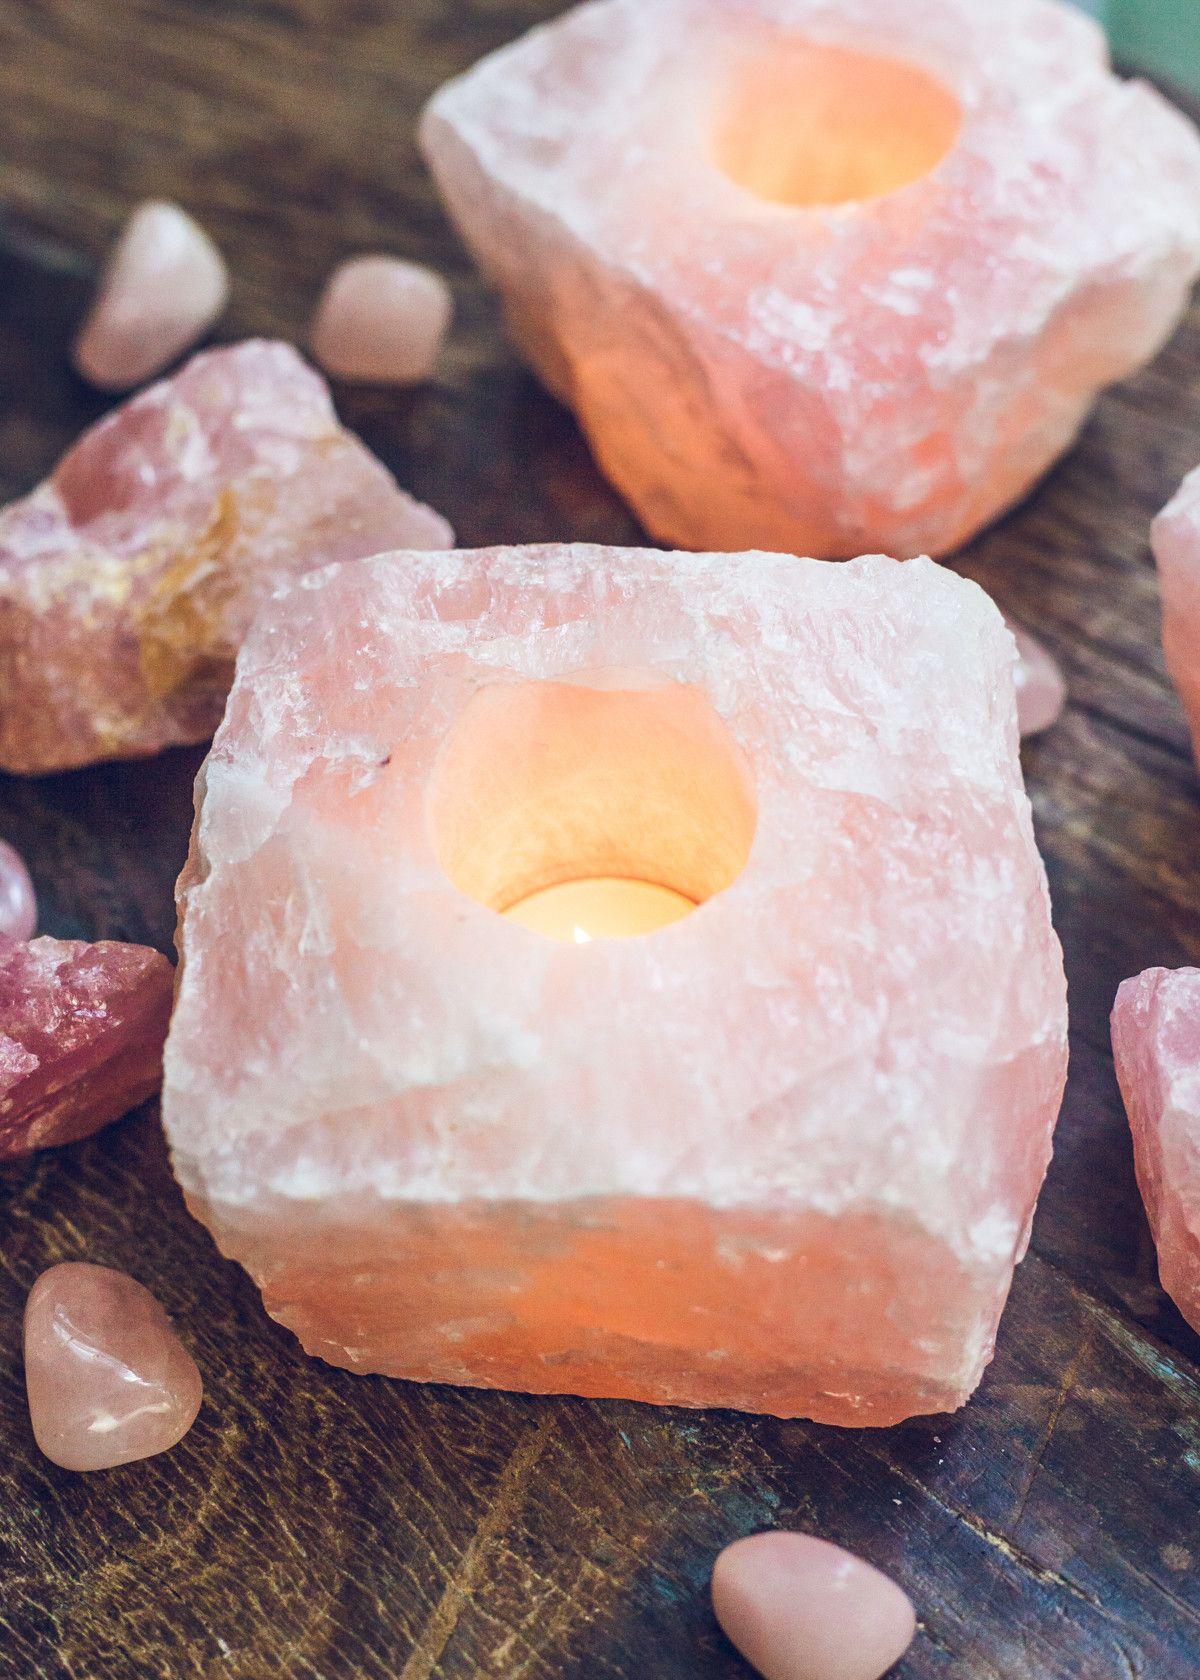 Rose quartz candleholder a e s t h e t i c pinterest